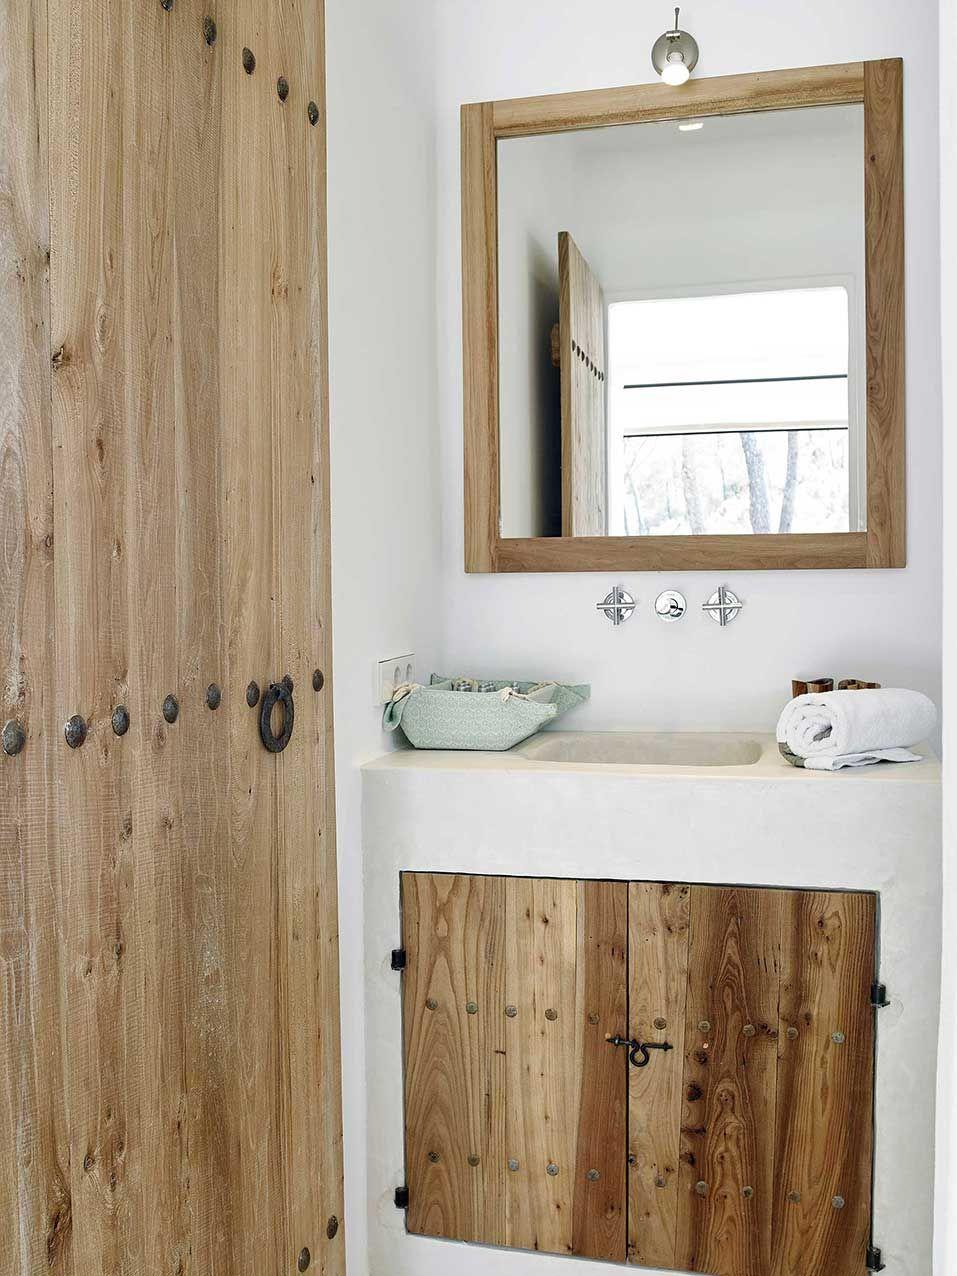 Baño griego - cemento y madera 5 … | Pinterest